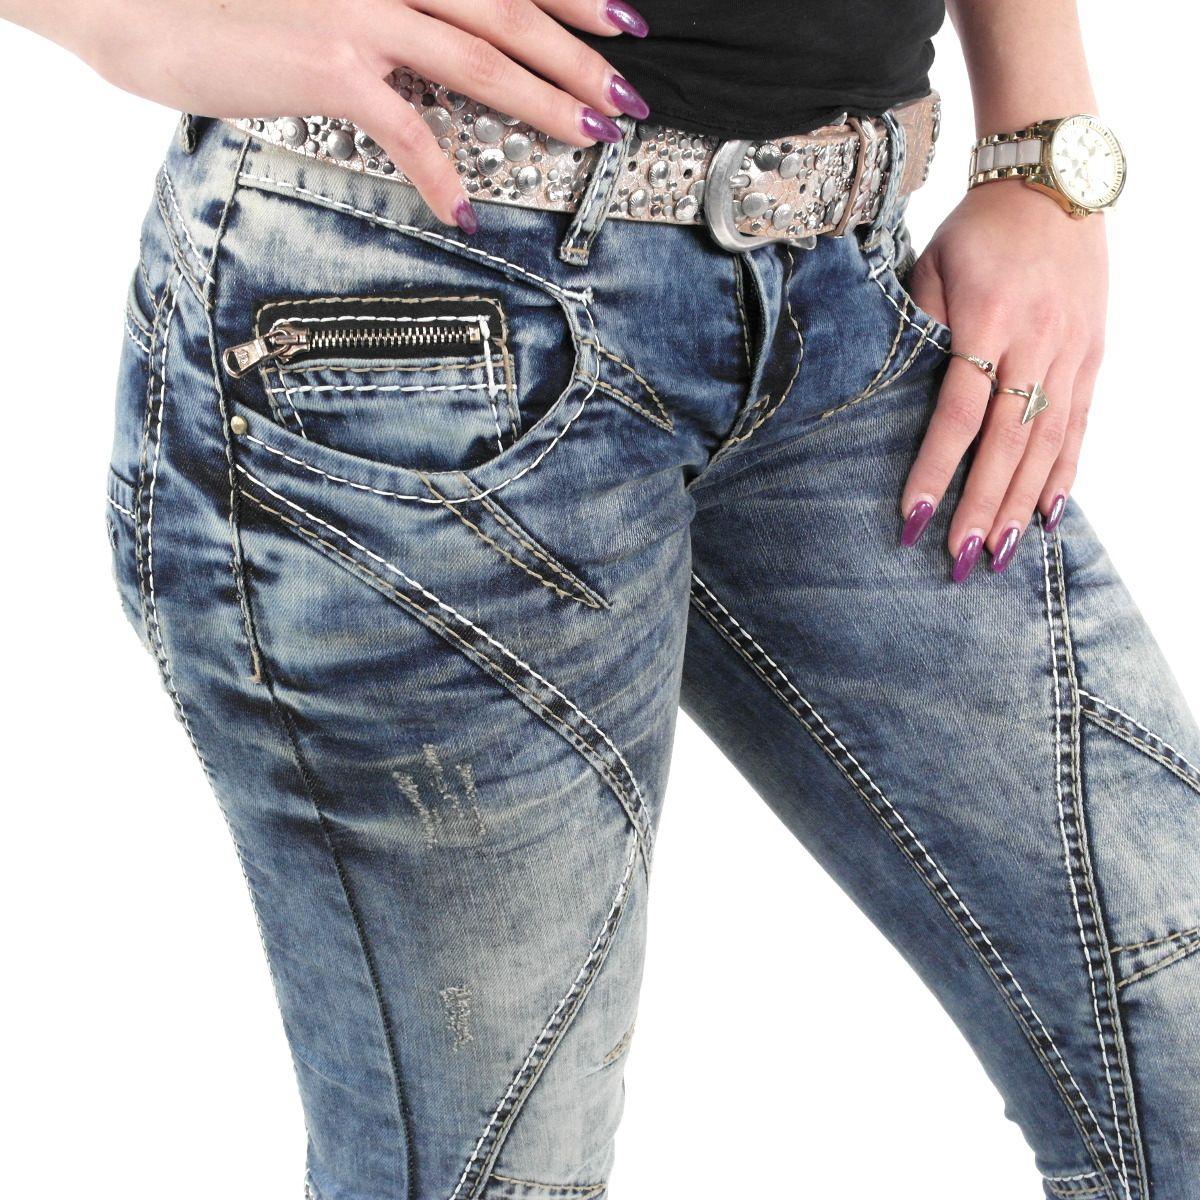 Ausgefallene Damen Jeanshose der Marke Cipo und Baxx mit